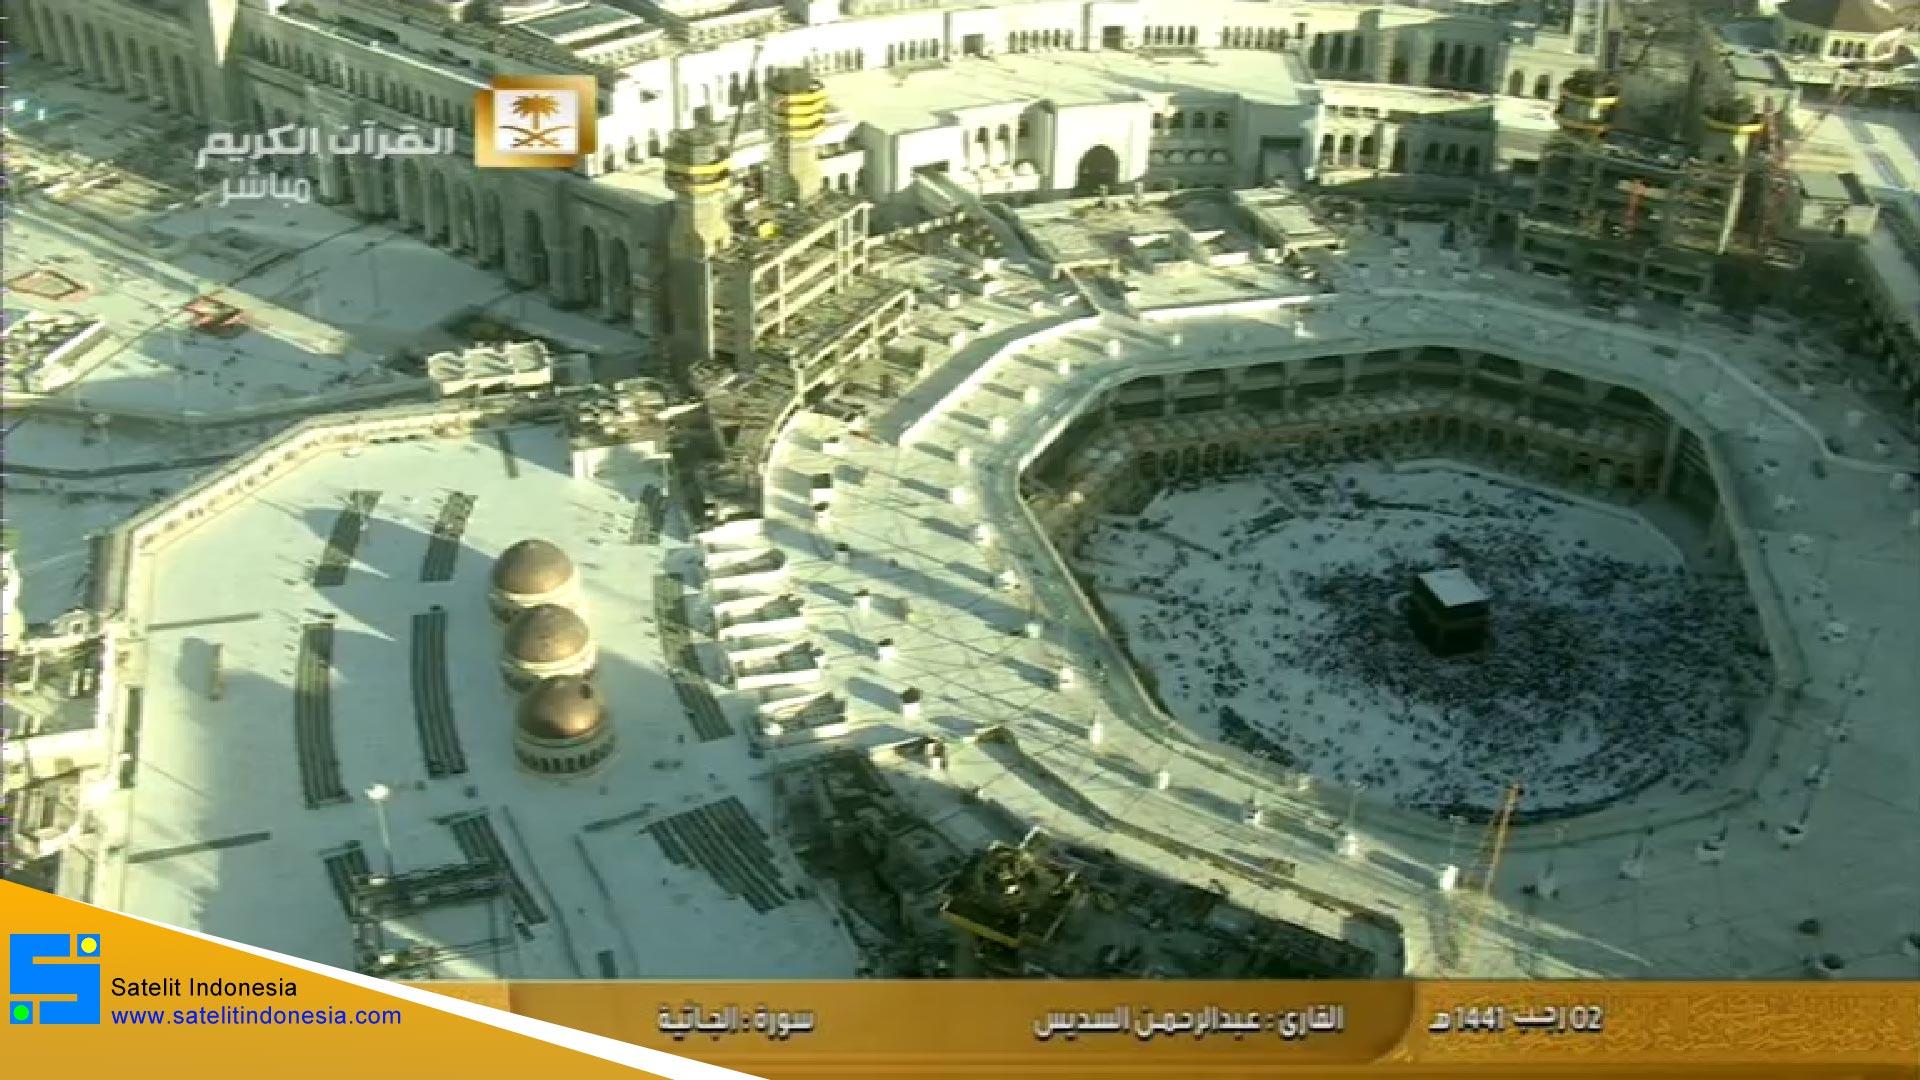 Frekuensi siaran Makkah TV di satelit Telkom 4 Terbaru